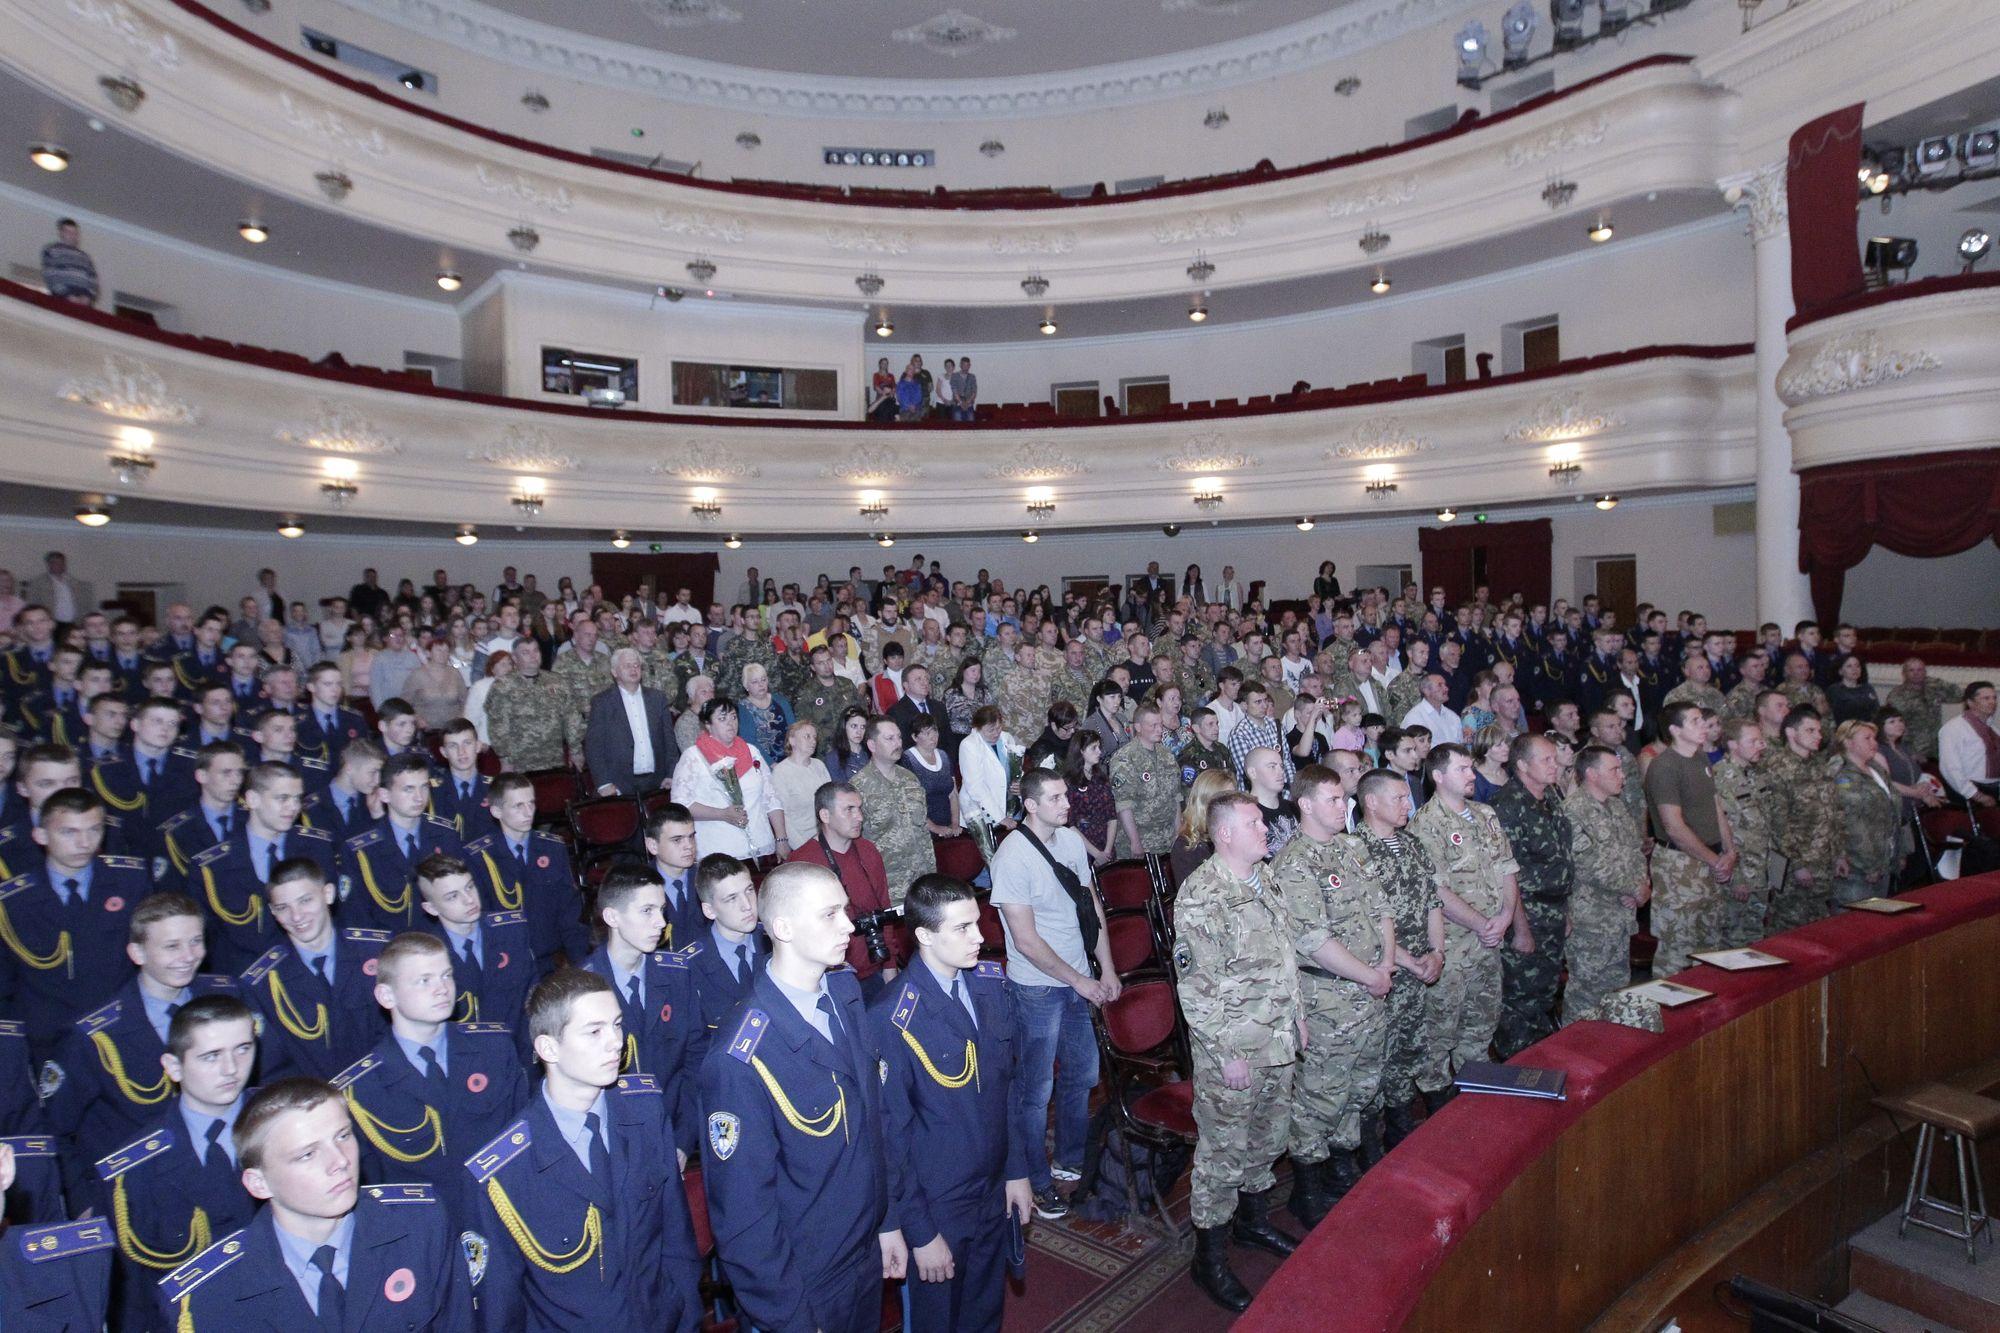 Хвилина мовчання за воїнами АТО. У Чернігові відзначають 2-гу річницю створення 41 батальйону (Оновлено) (Фото)